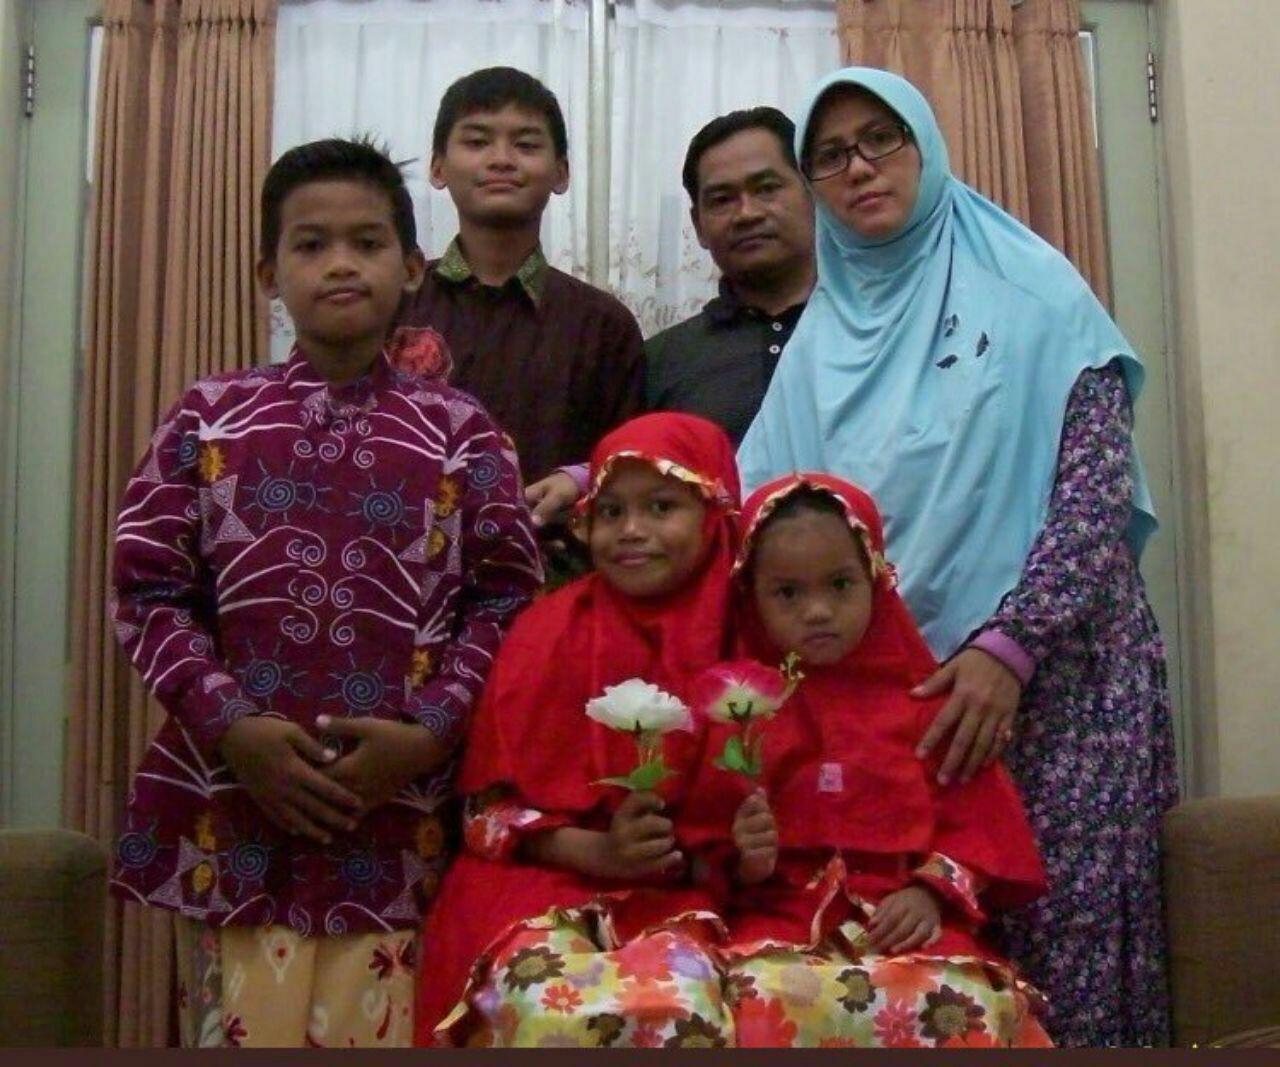 اعضای یک خانواده مسئول حمله به 3 کلیسا در اندونزی (عکس)